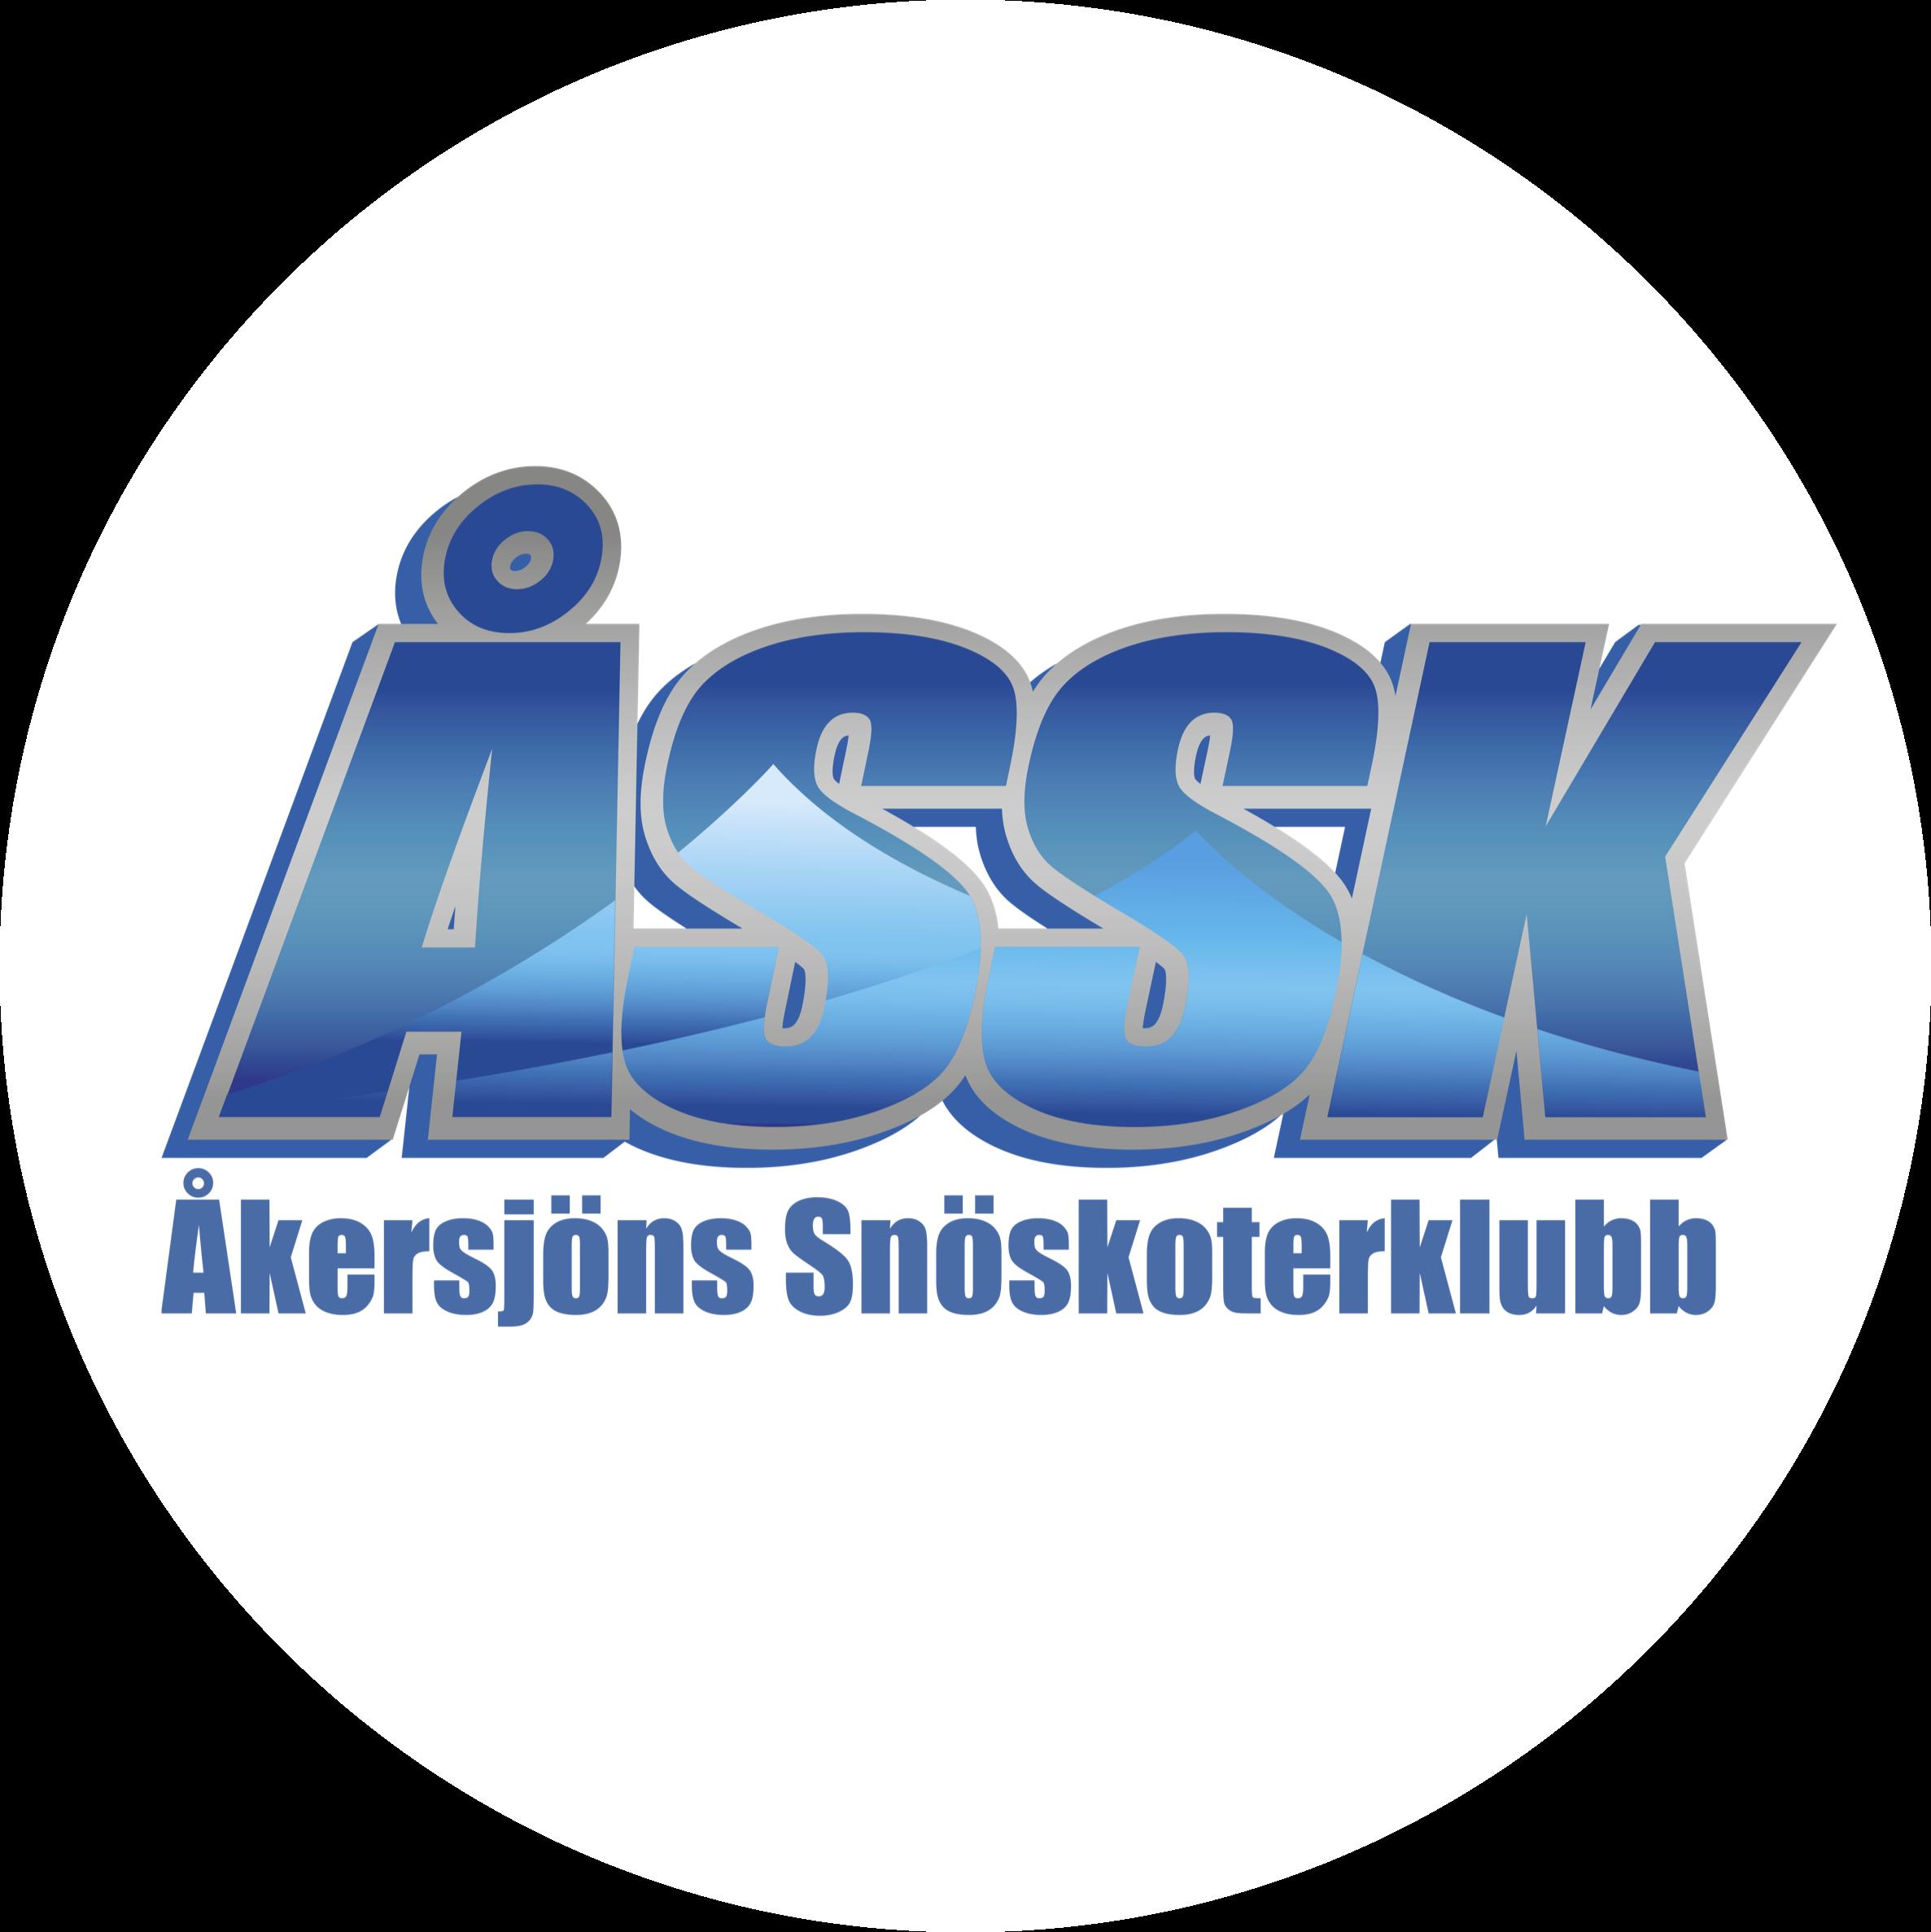 Åkersjöns Snöskoterklubb